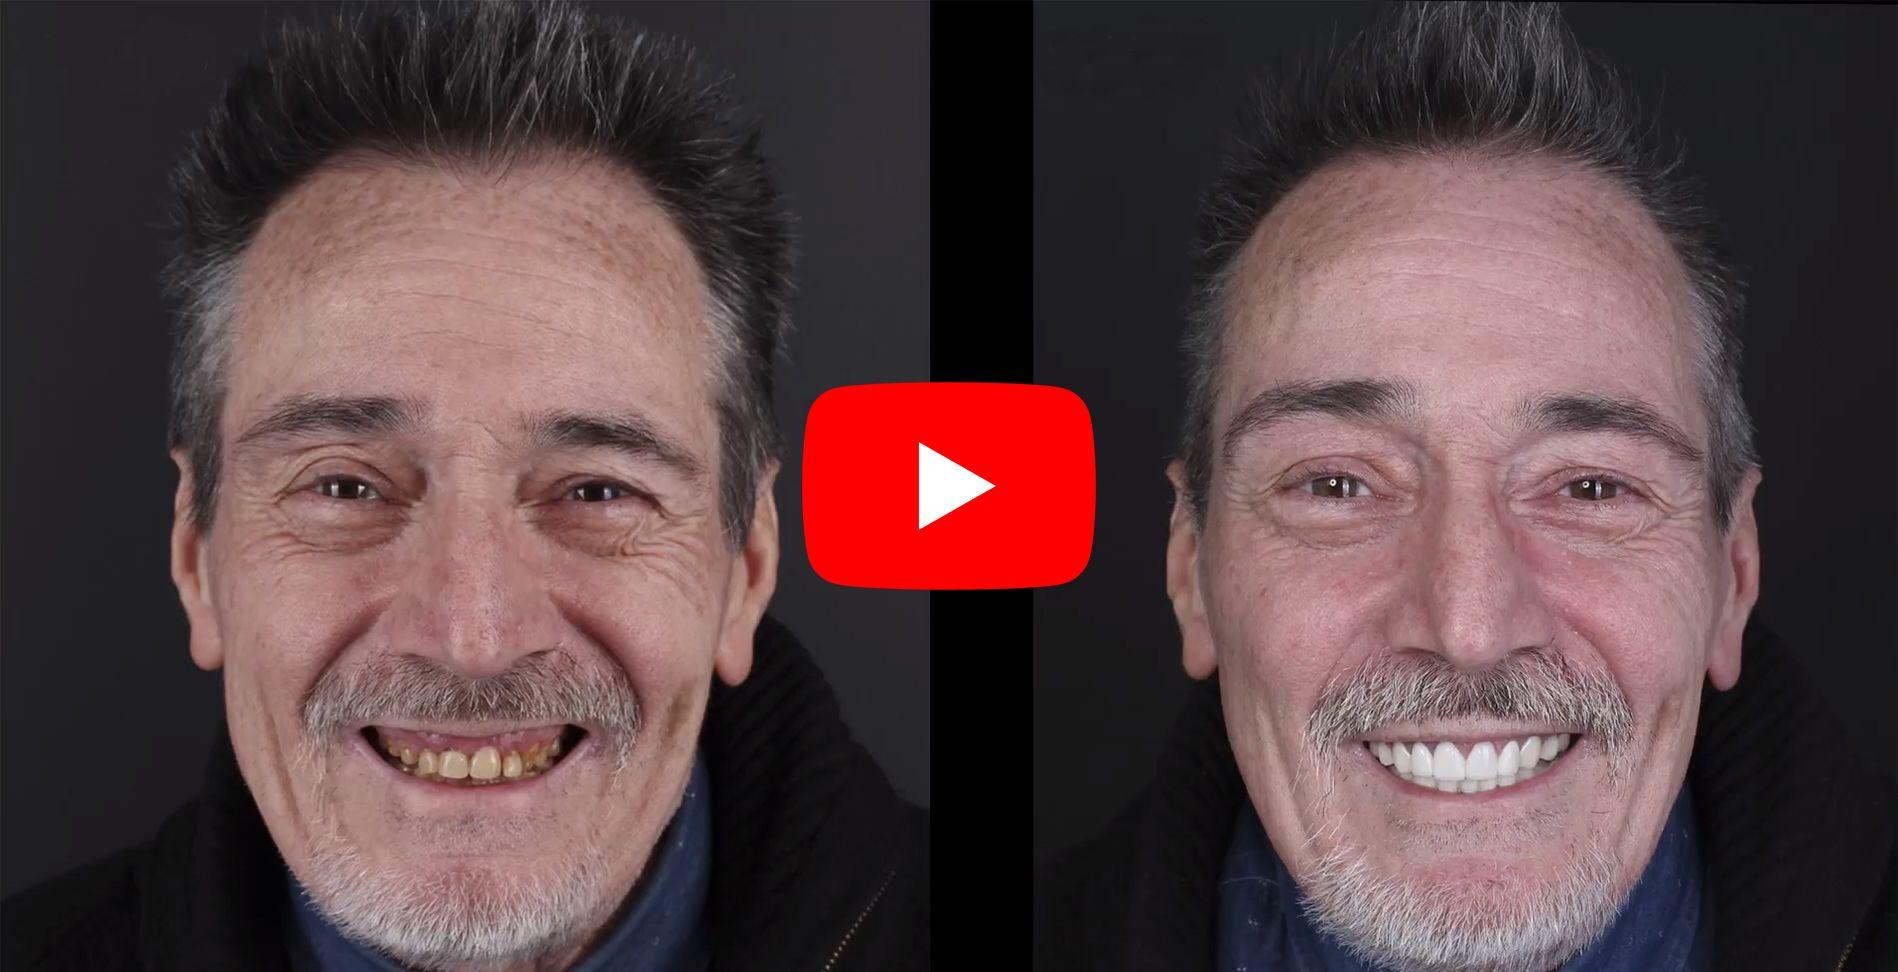 Vídeo testimonis dels pacients tractats en clínica Padrós d'estètica dental